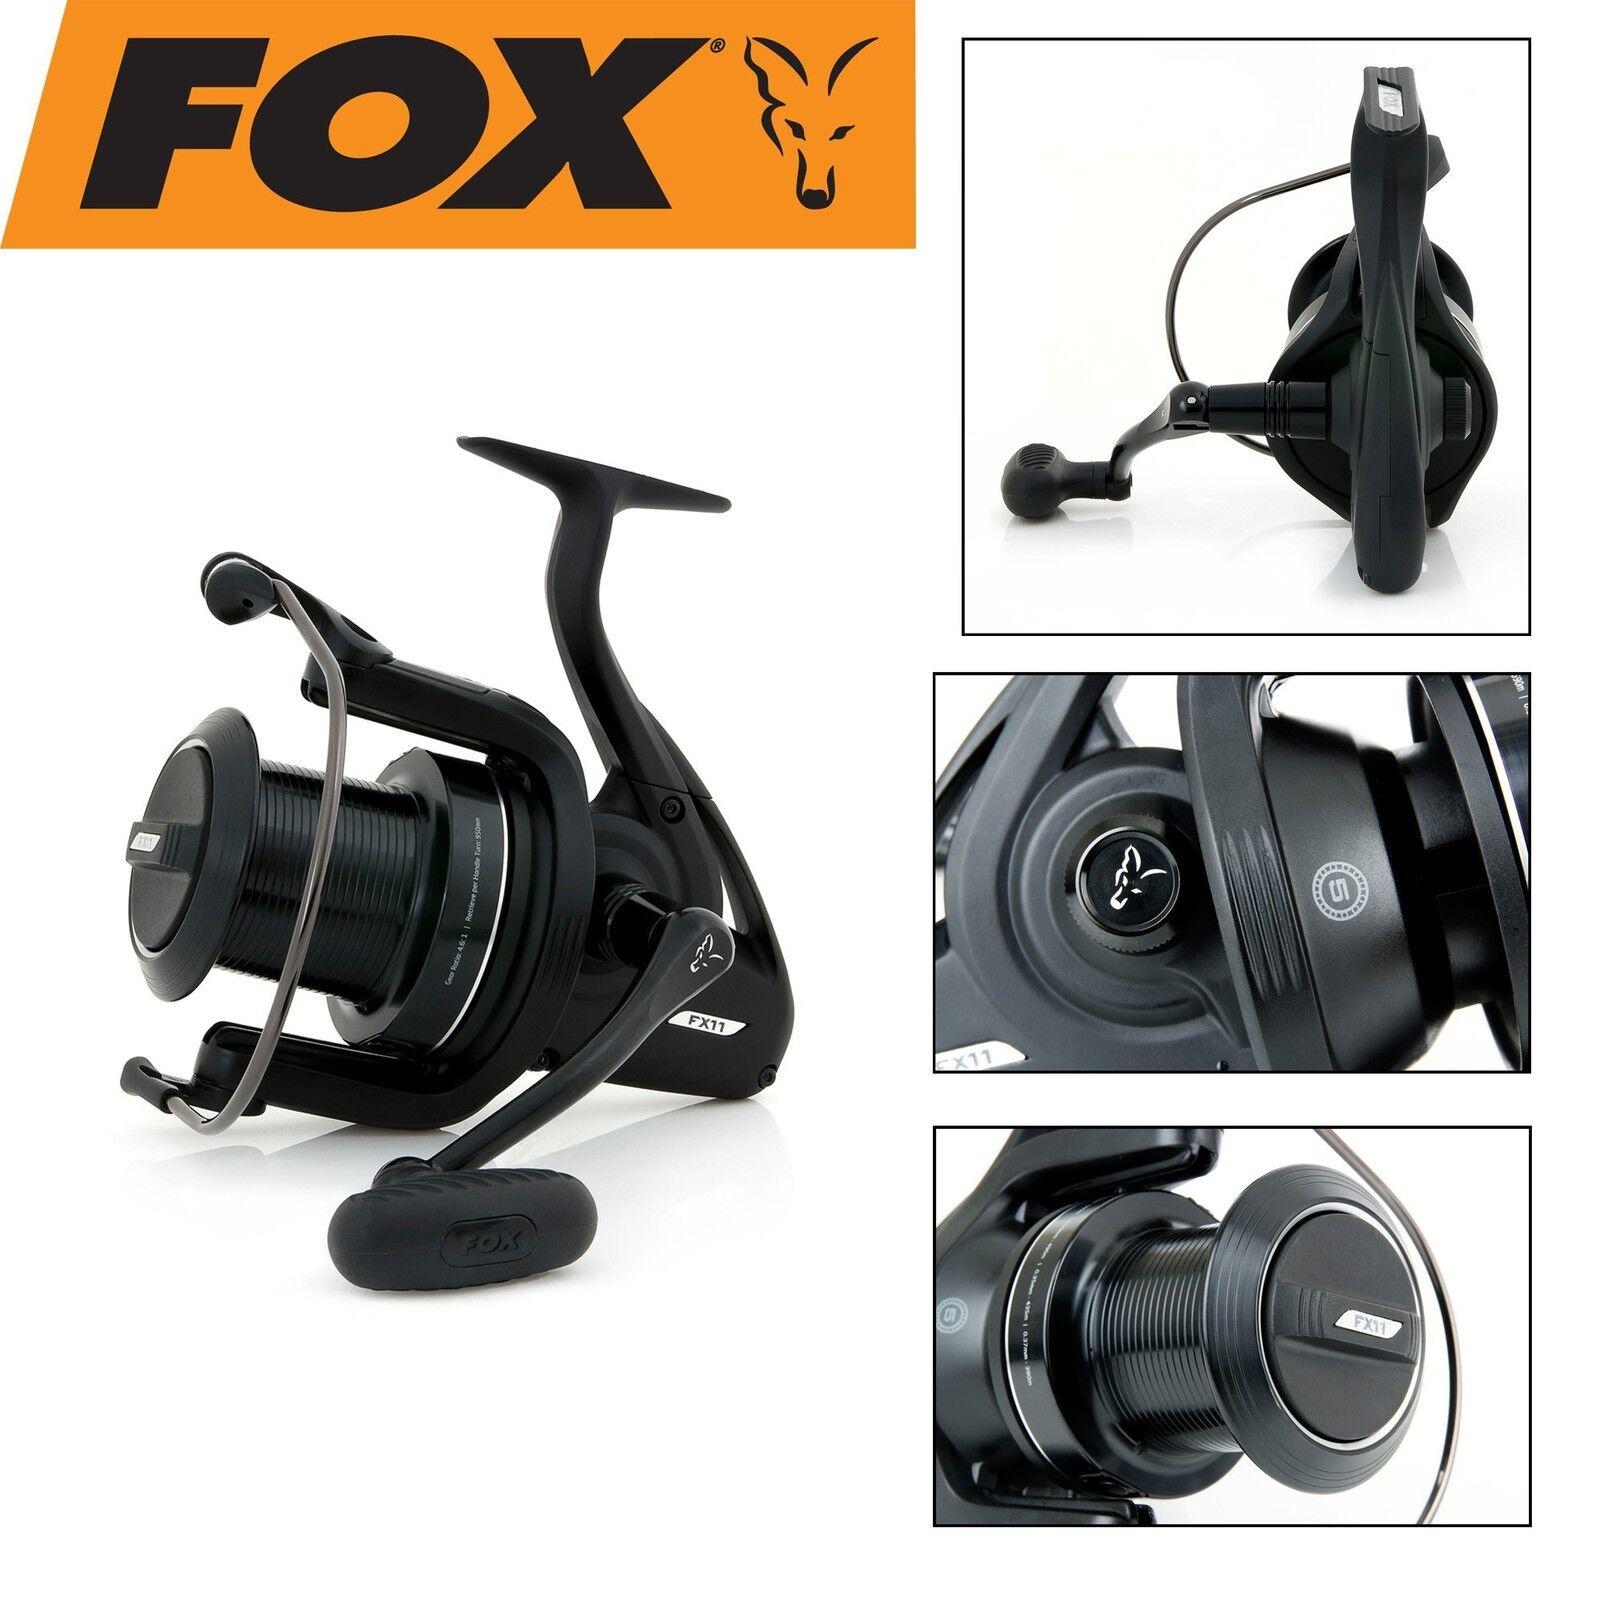 Fox zum FX11 Reel Rolle, Karpfenrolle, Wallerrolle, Angelrolle zum Fox Karpfenangeln 8361eb